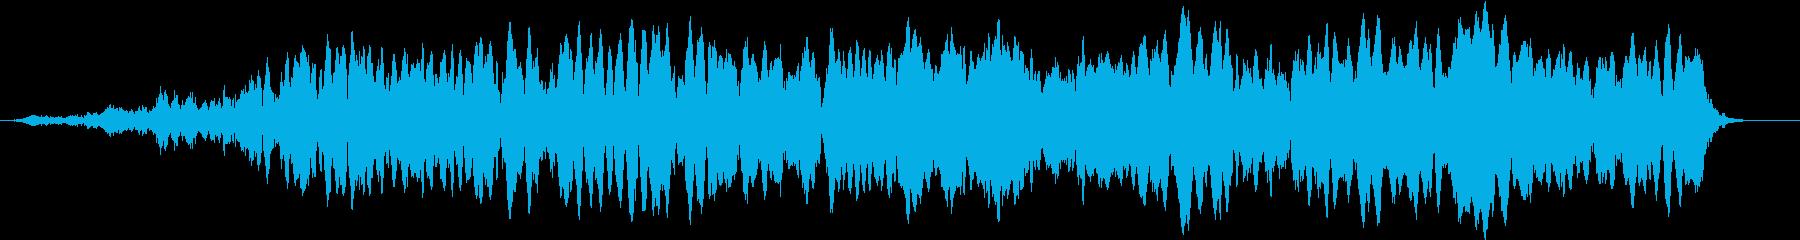 「おおおおお」デスボイス(高い声)の再生済みの波形